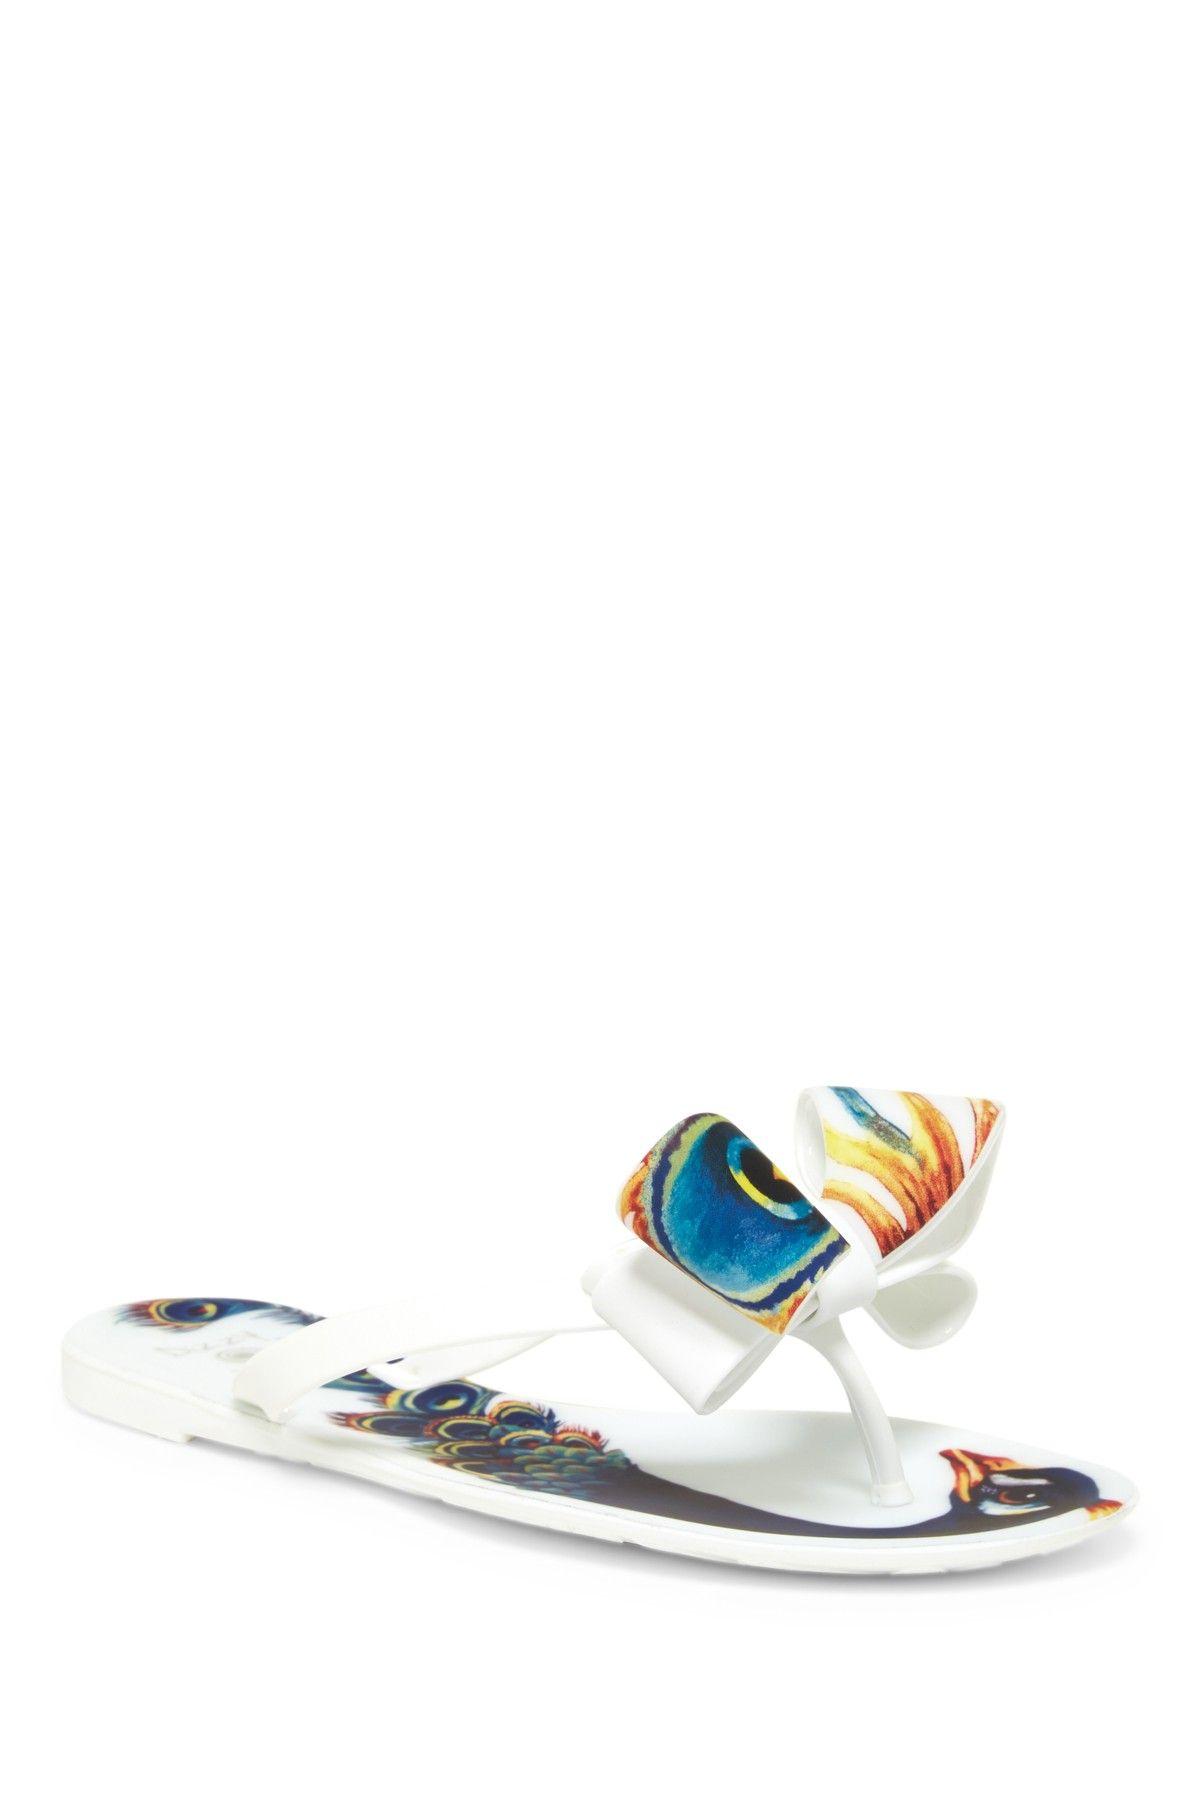 b104c67c3 Dizzy Matte Peacock Bow Flip-Flop